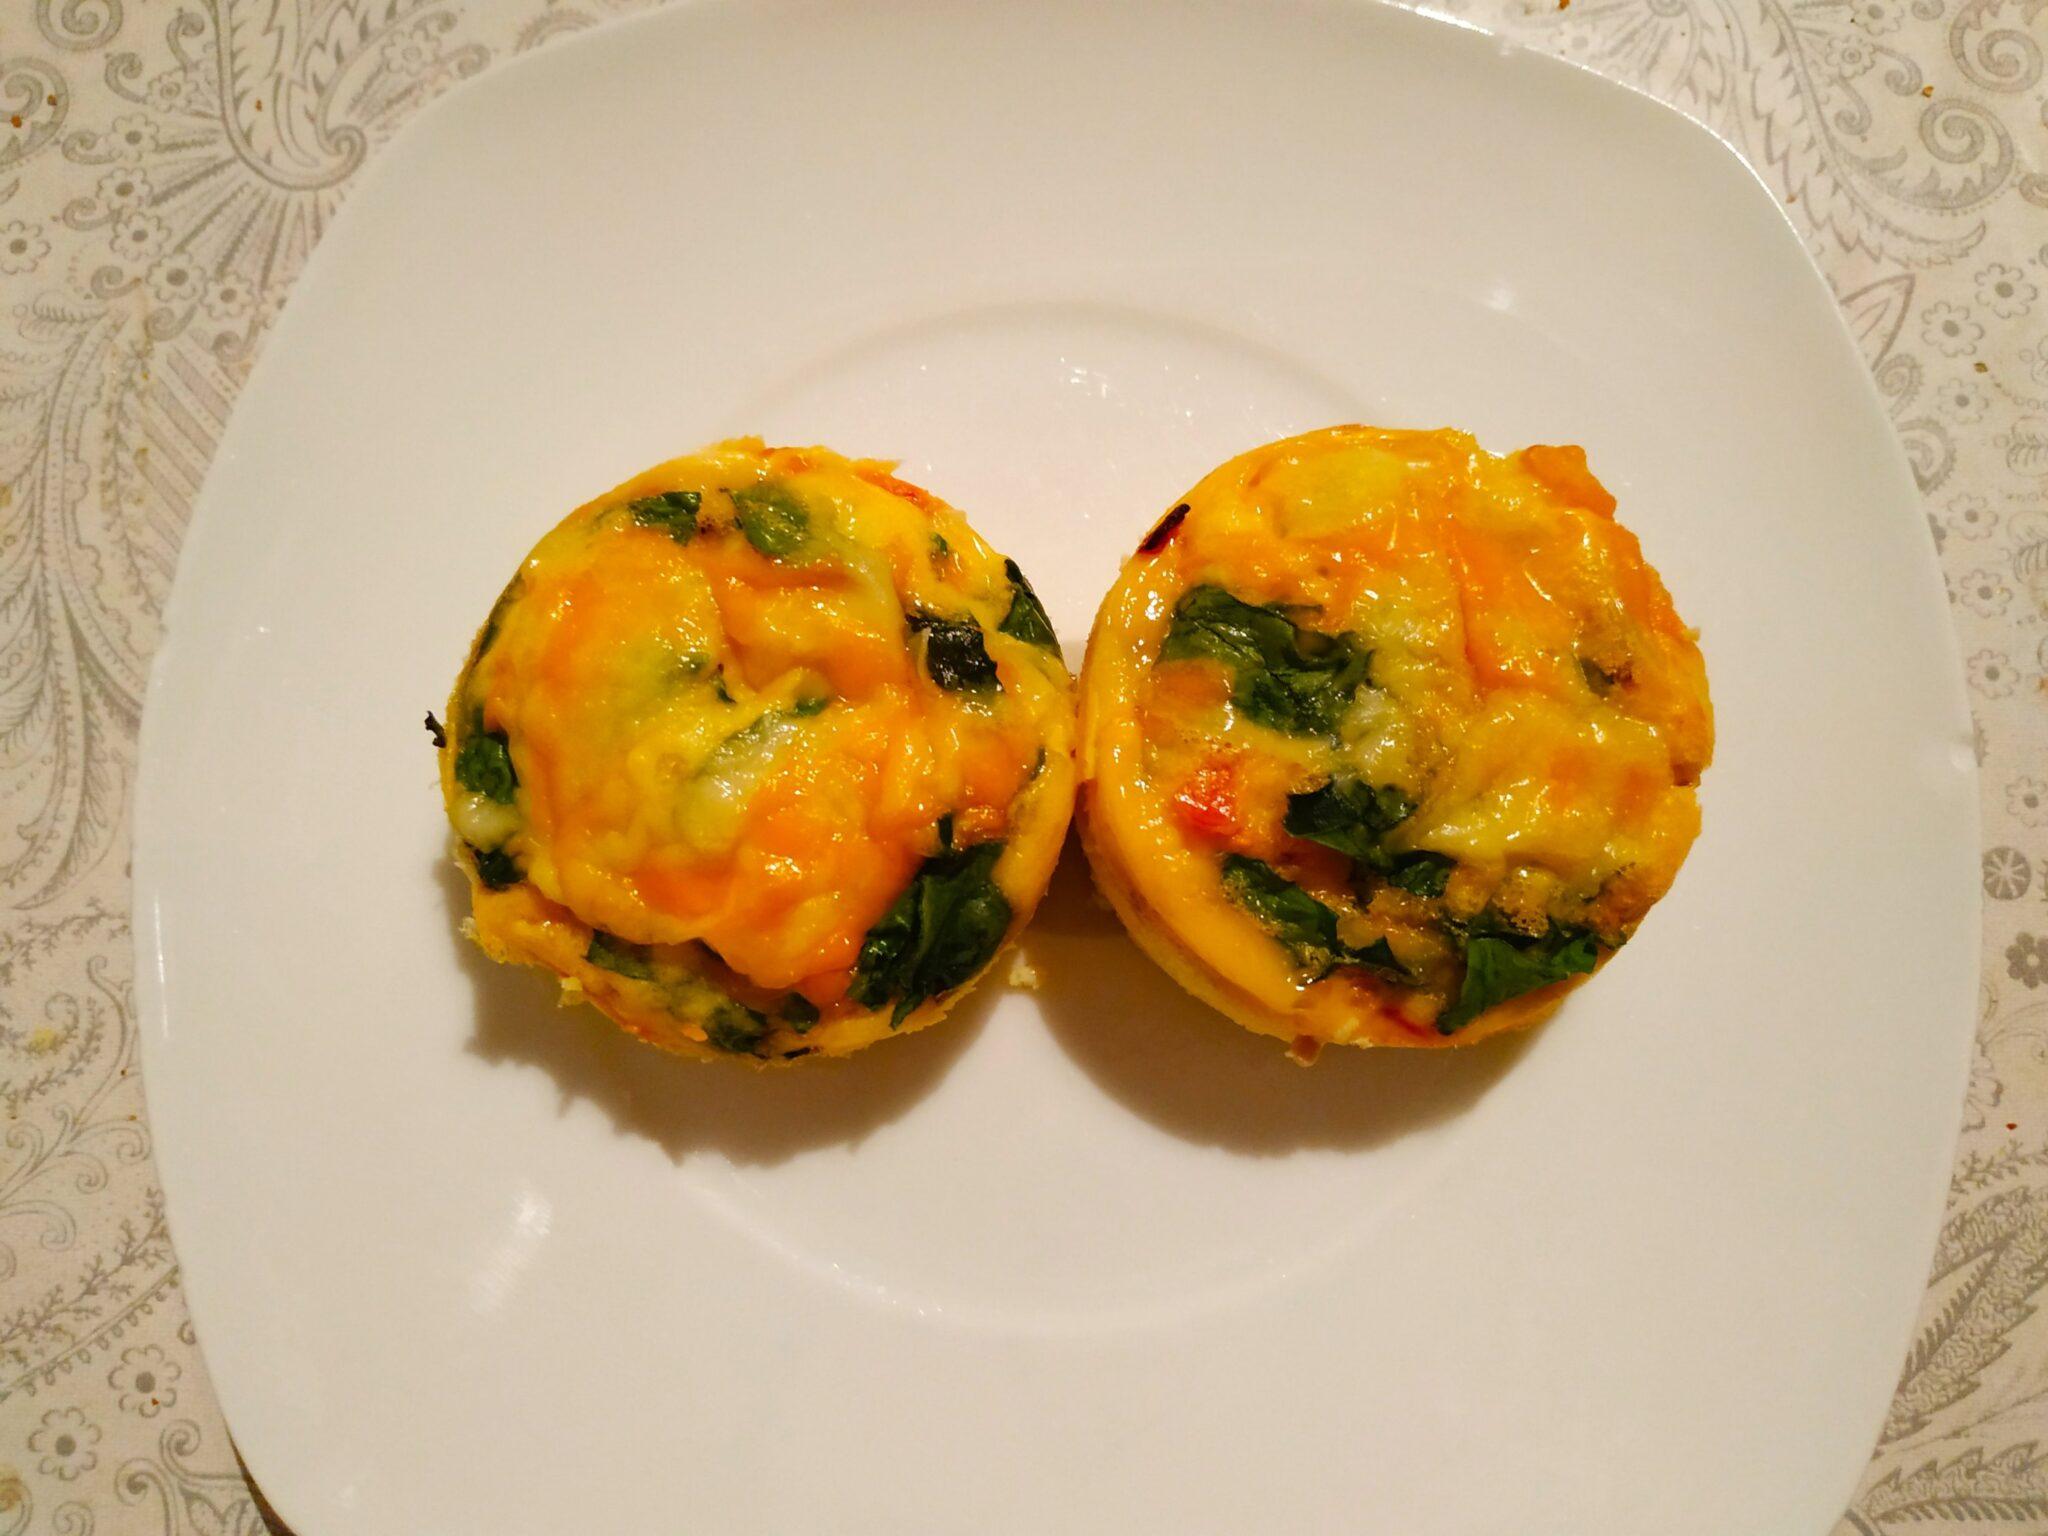 img 20190913 2300016413672219505905659 - Cocina con #MamaKeto: muffins de huevo con tomate y espinacas